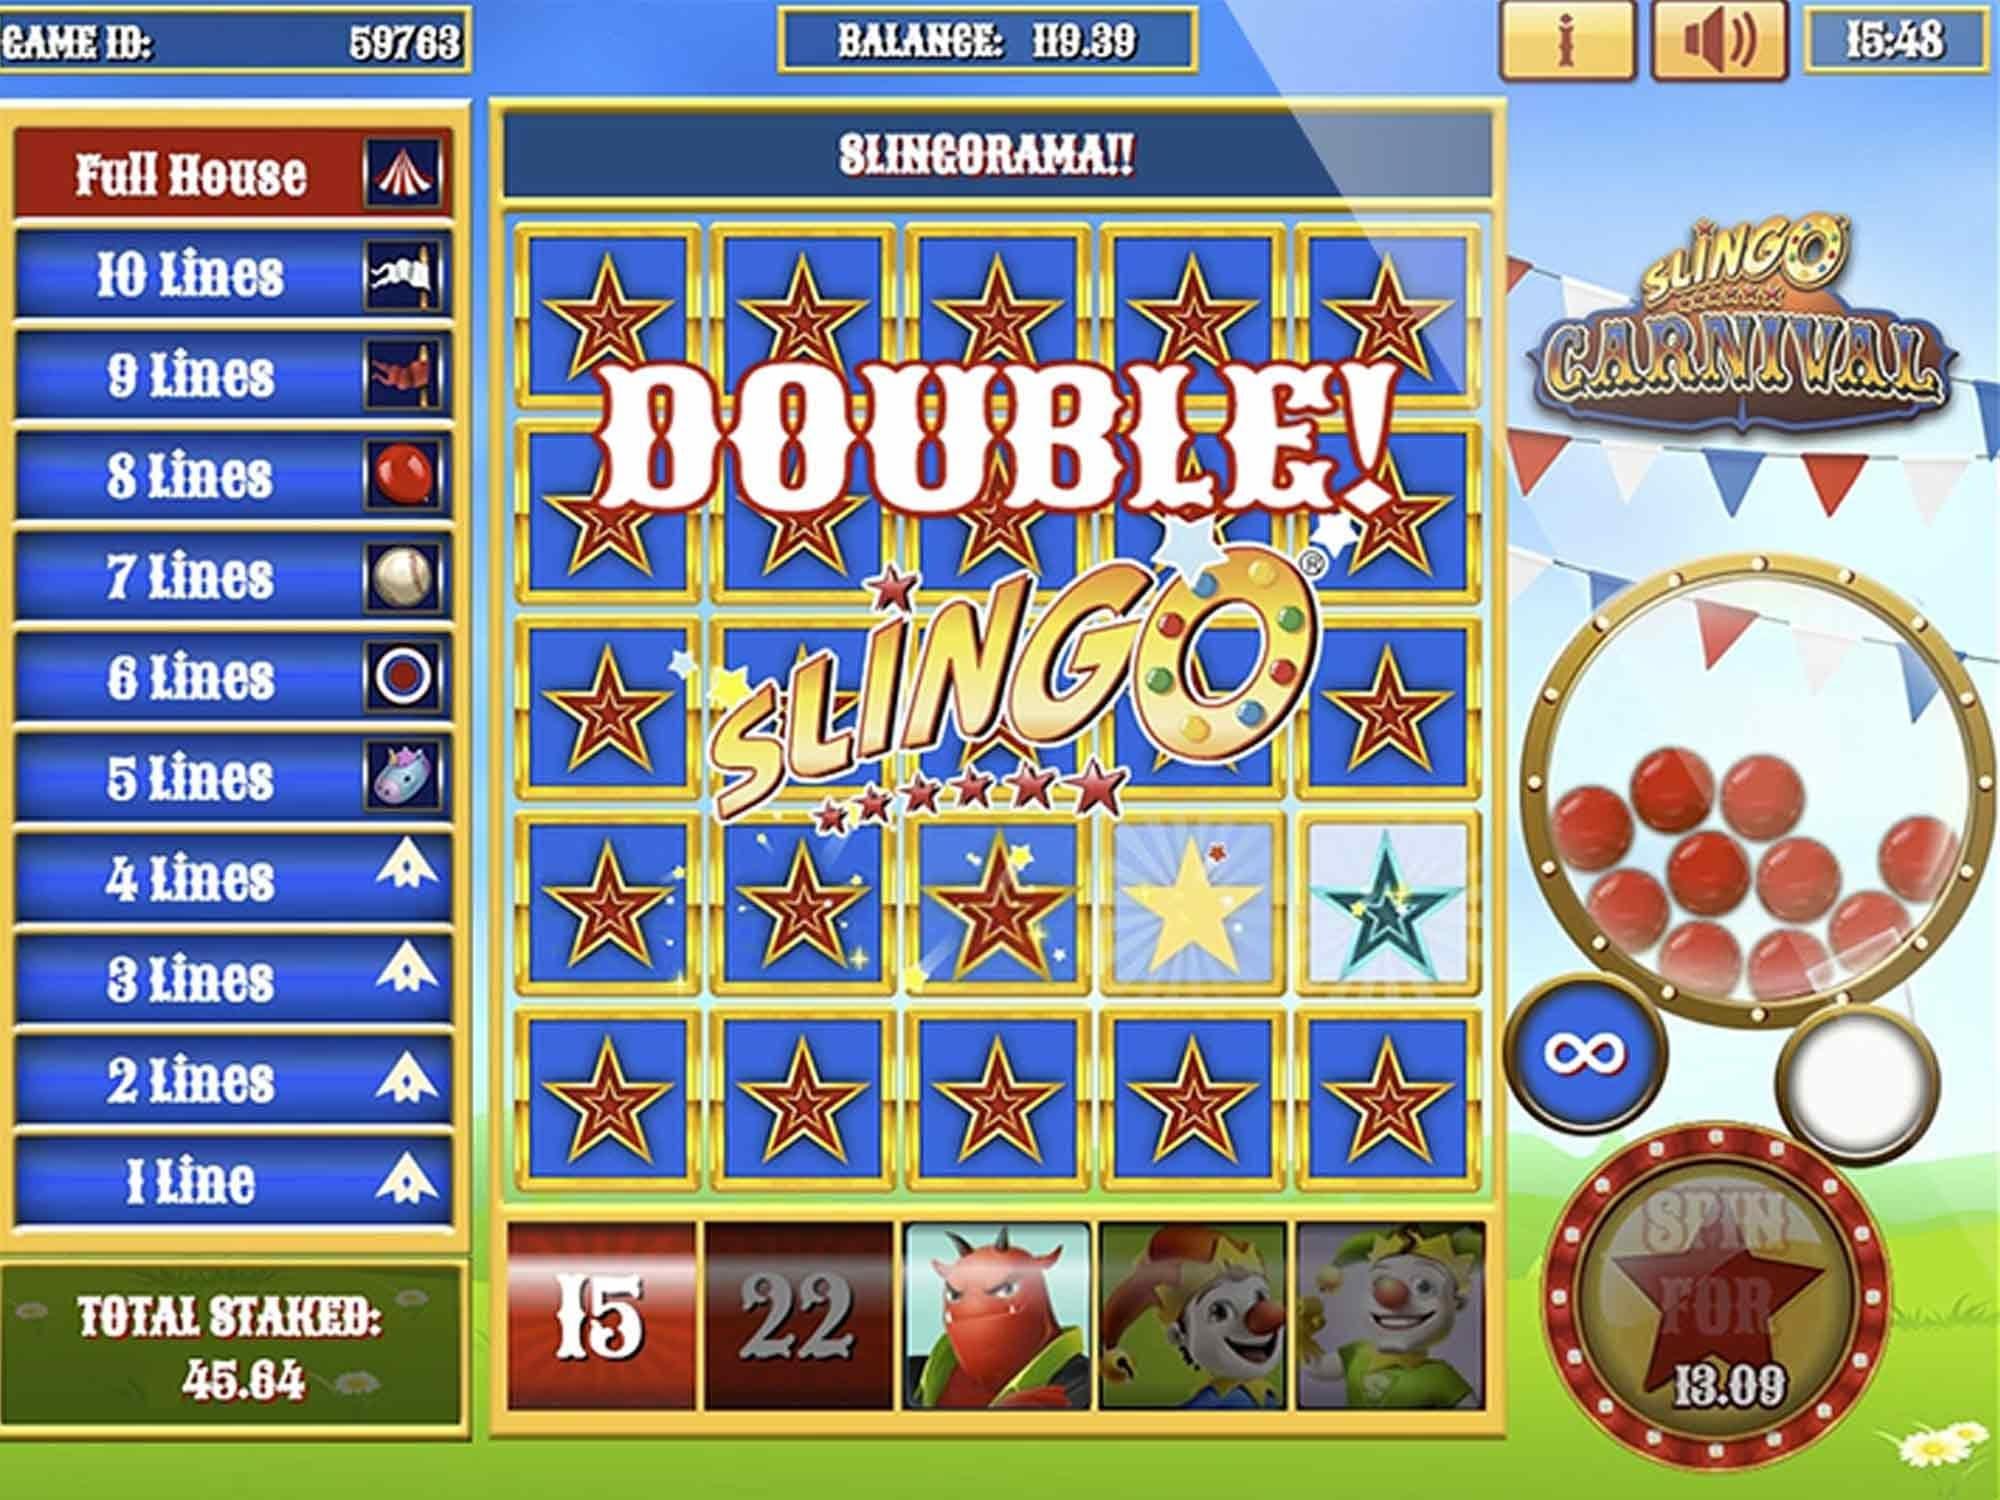 Slingo Carnival Slot Win